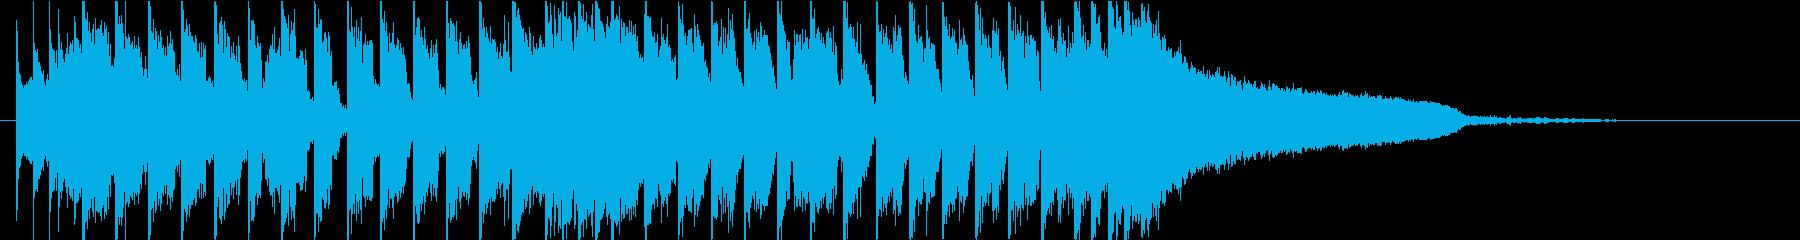 ベースハウス EDM ダンス かっこいいの再生済みの波形